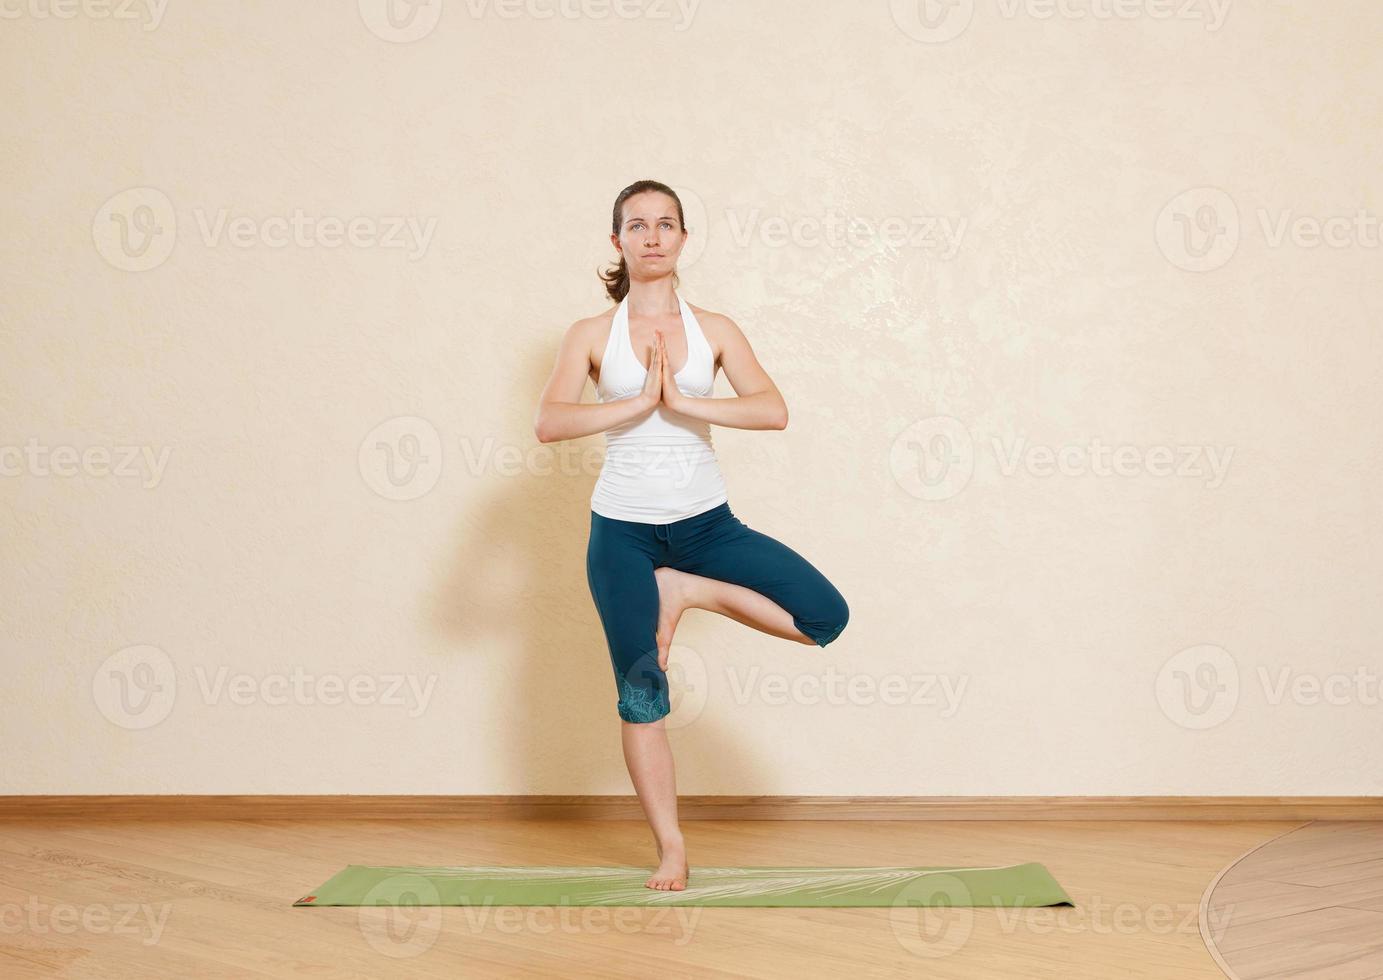 kaukasisk kvinna utövar yoga i studion (vrikshasana) foto